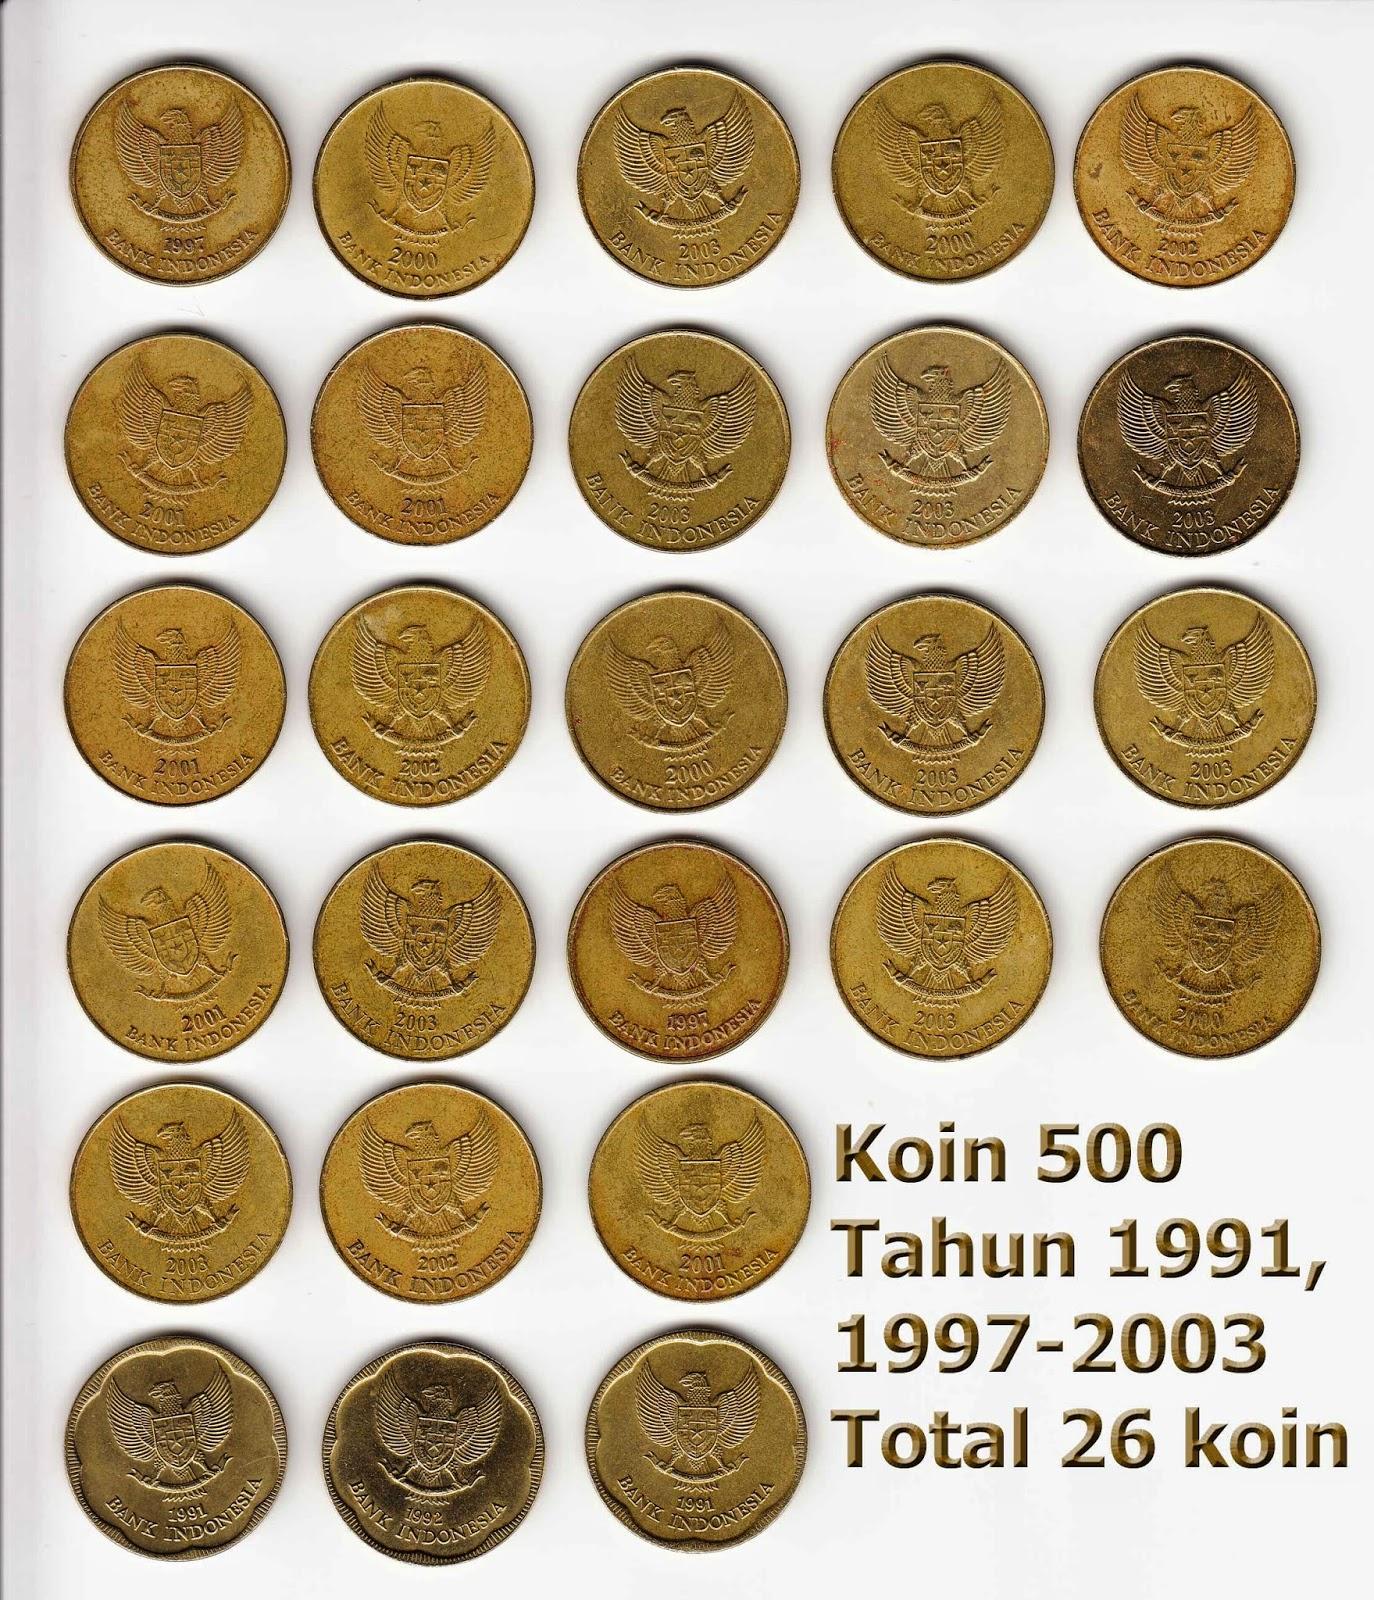 Image Gambar Untuk Semua Souvenir Koin Logam 500 Kuning